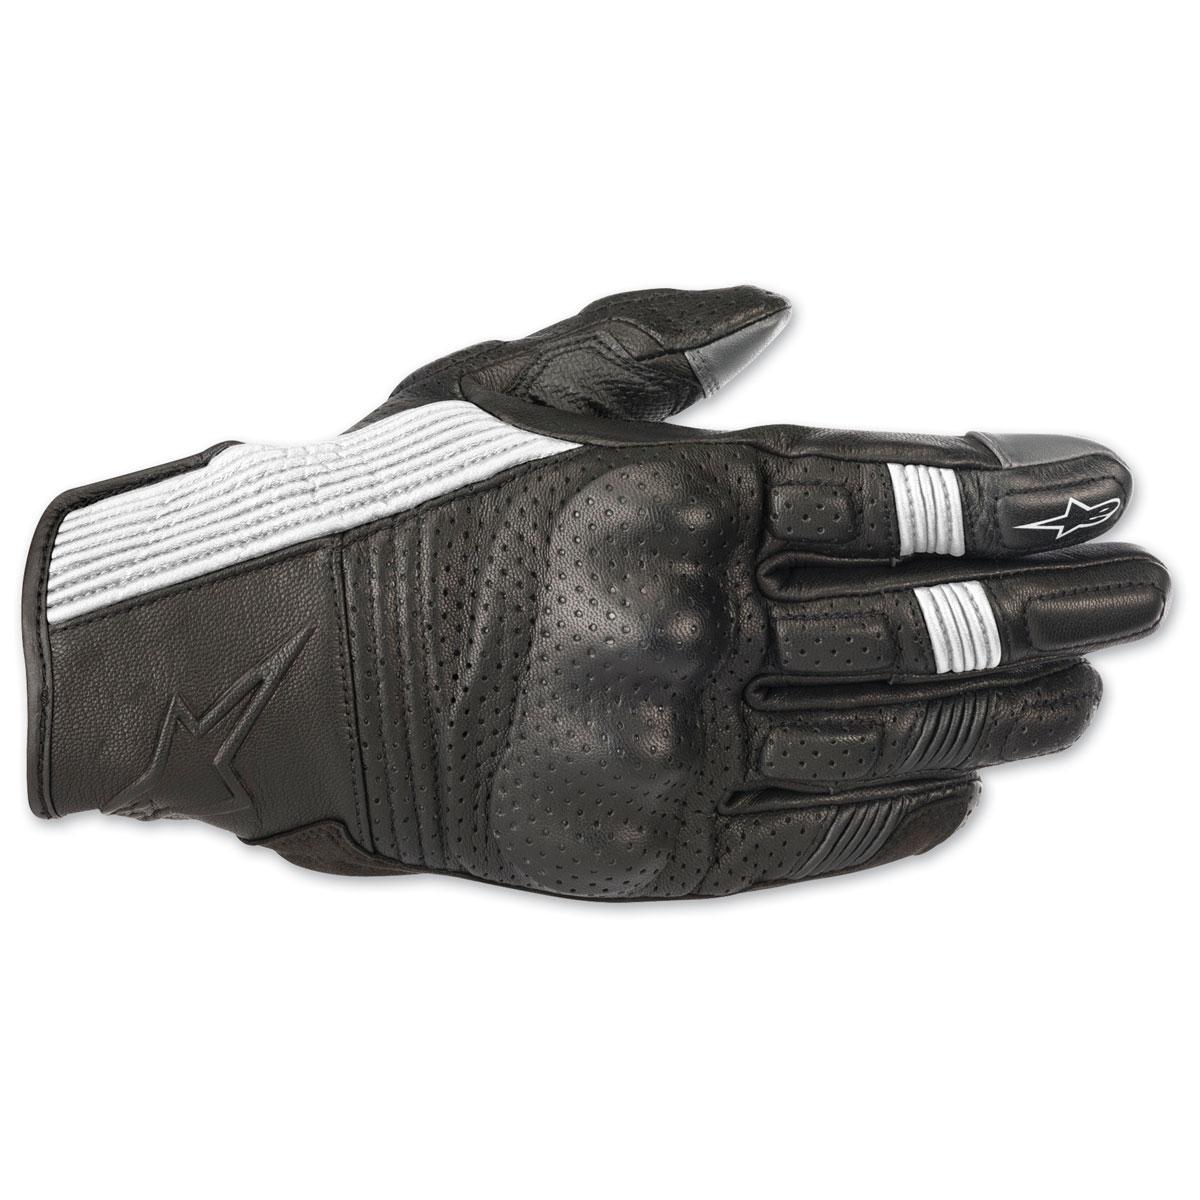 Alpinestars Men's Mustang v2 Black/White Gloves